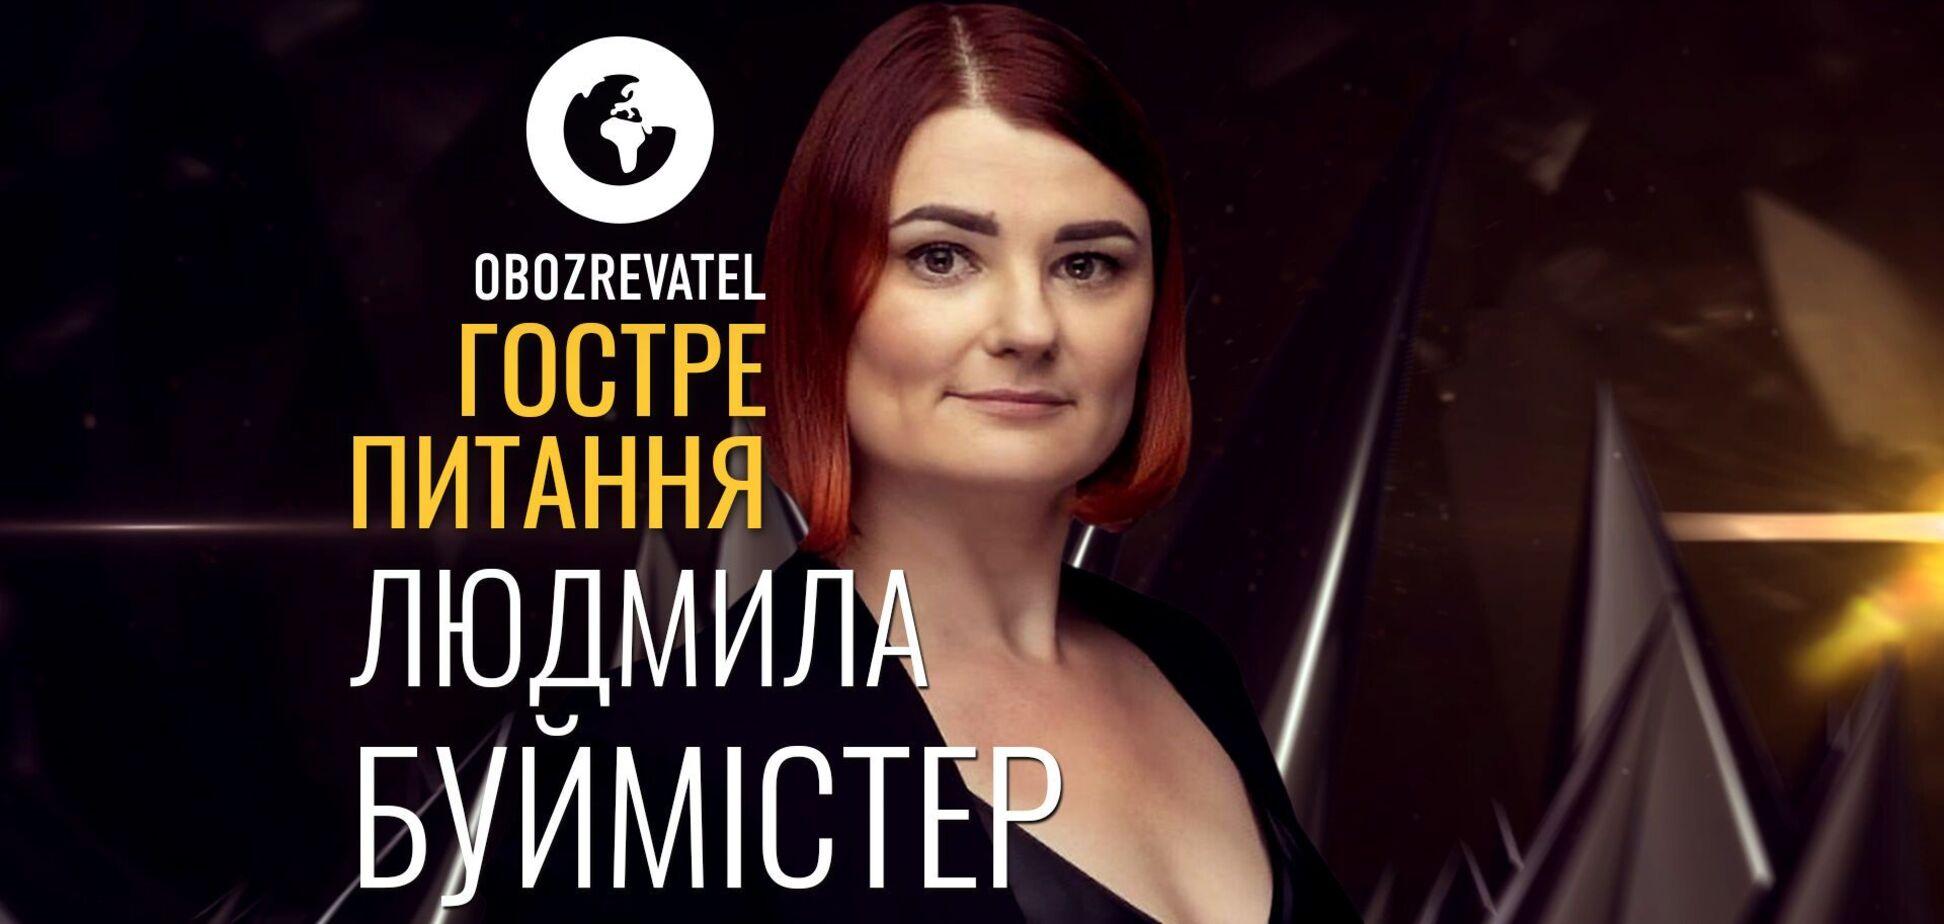 Гостре питання   Людмила Буймістер